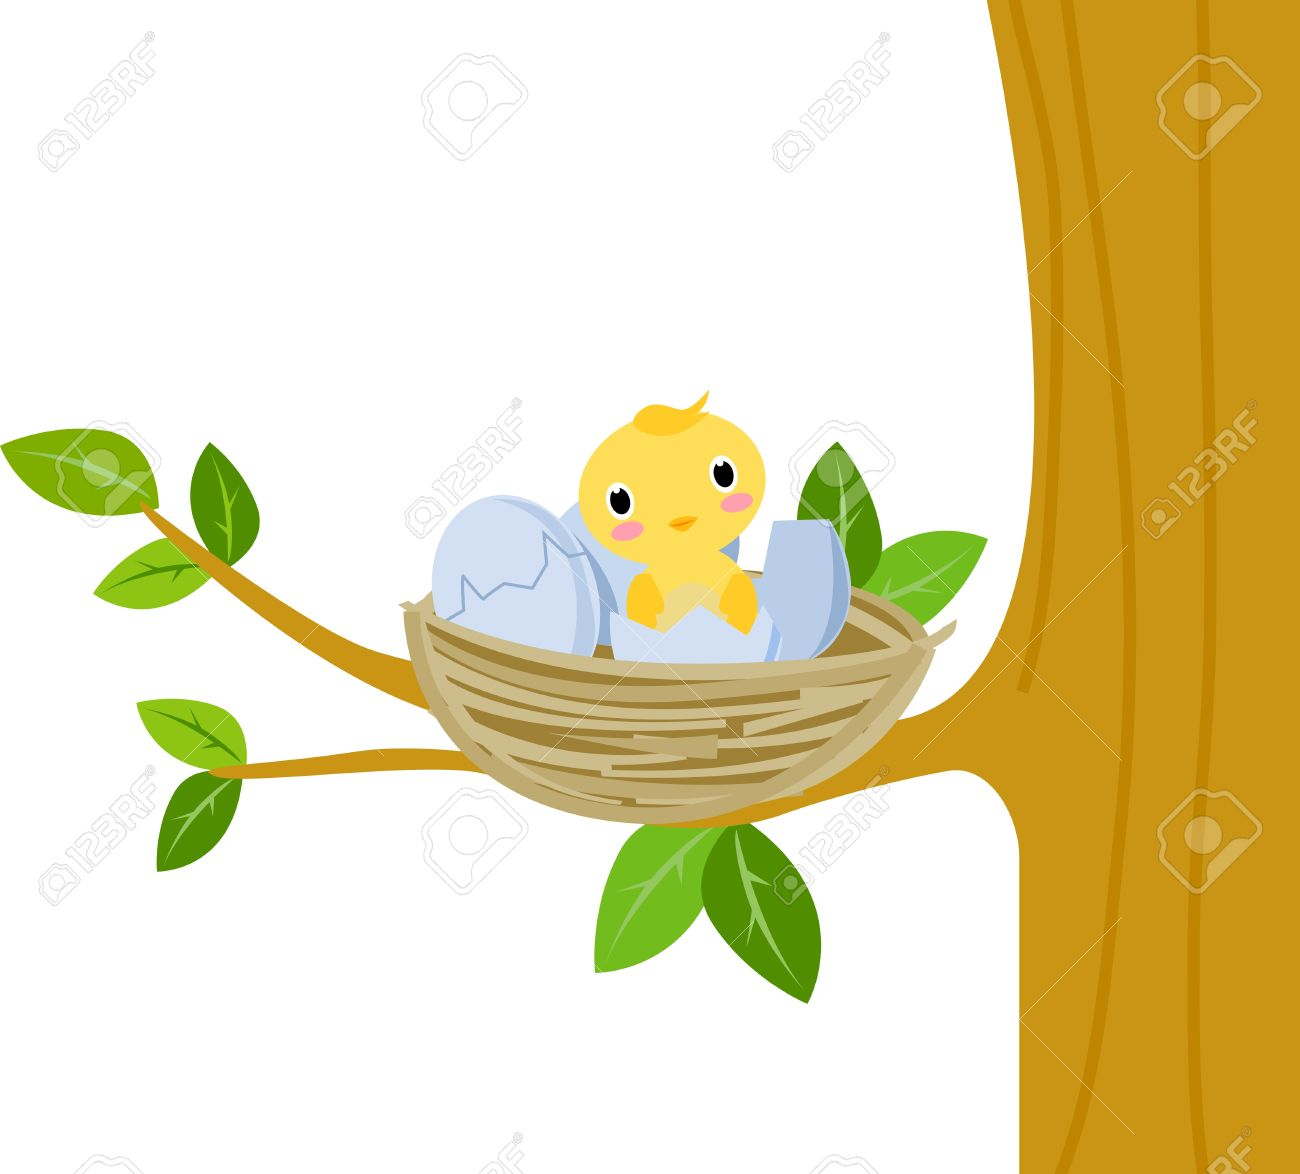 Nest with baby birds.